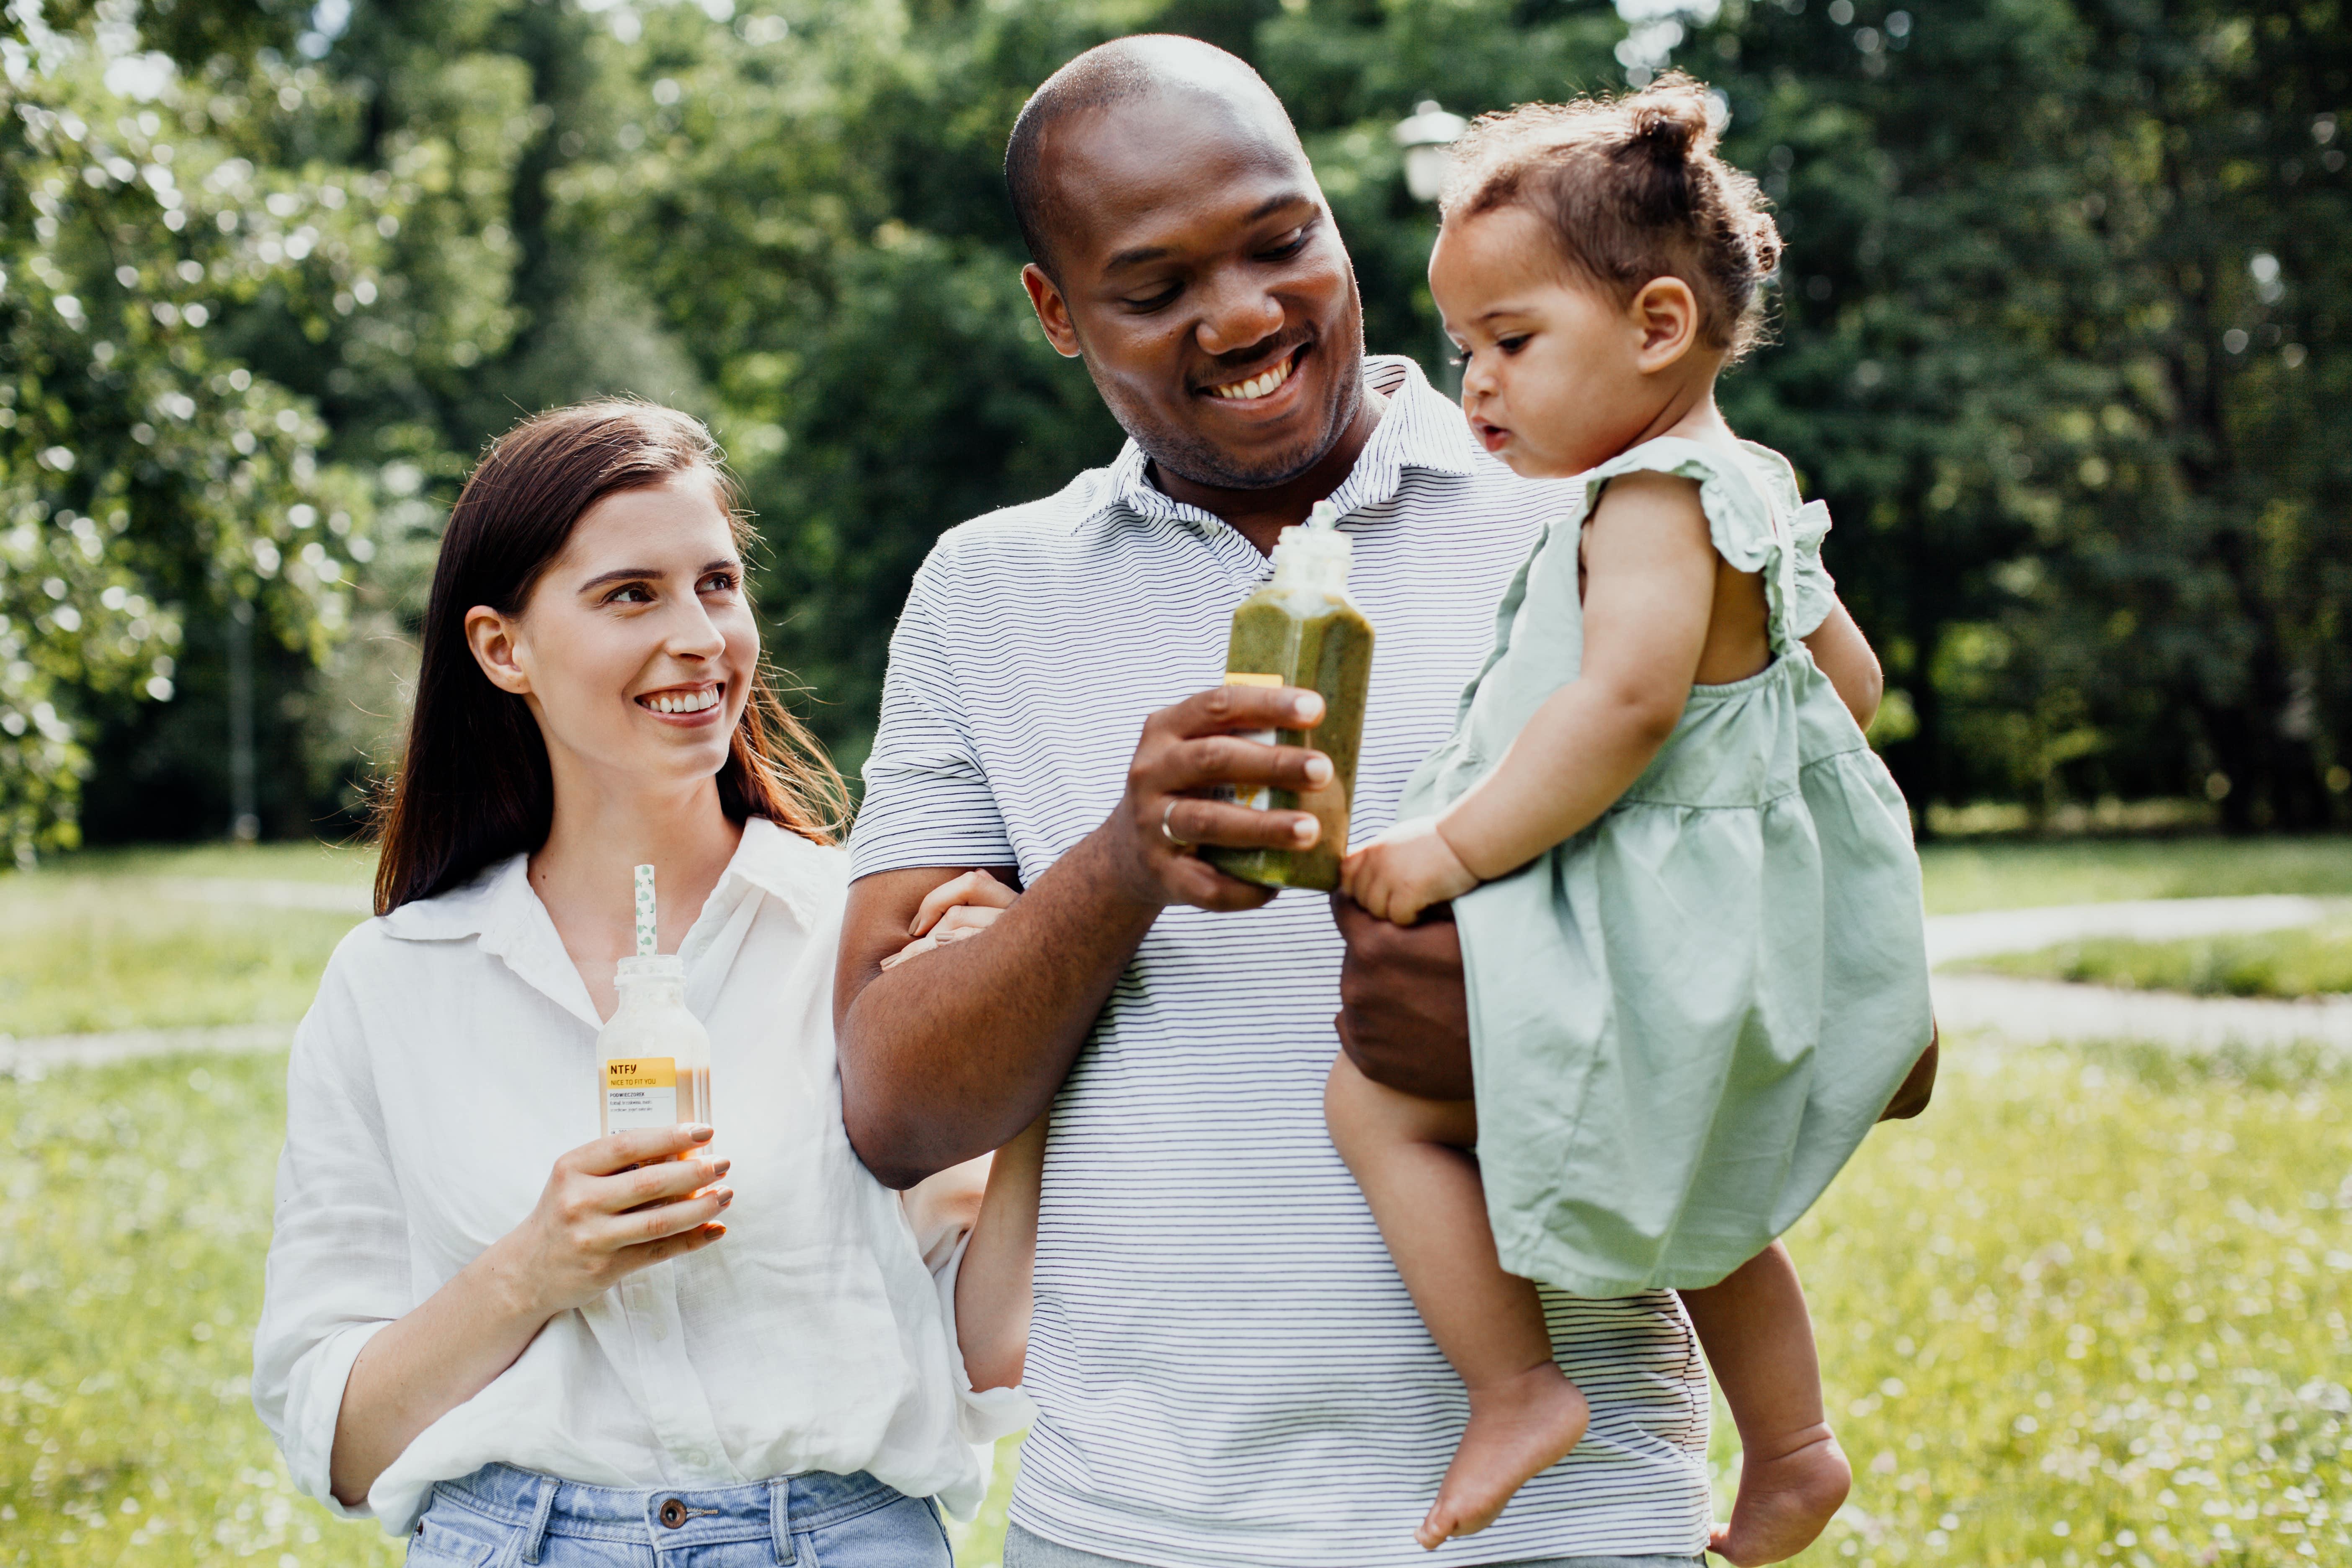 rodzina matka karmi piersia dziecko jedzac zdrowa diete